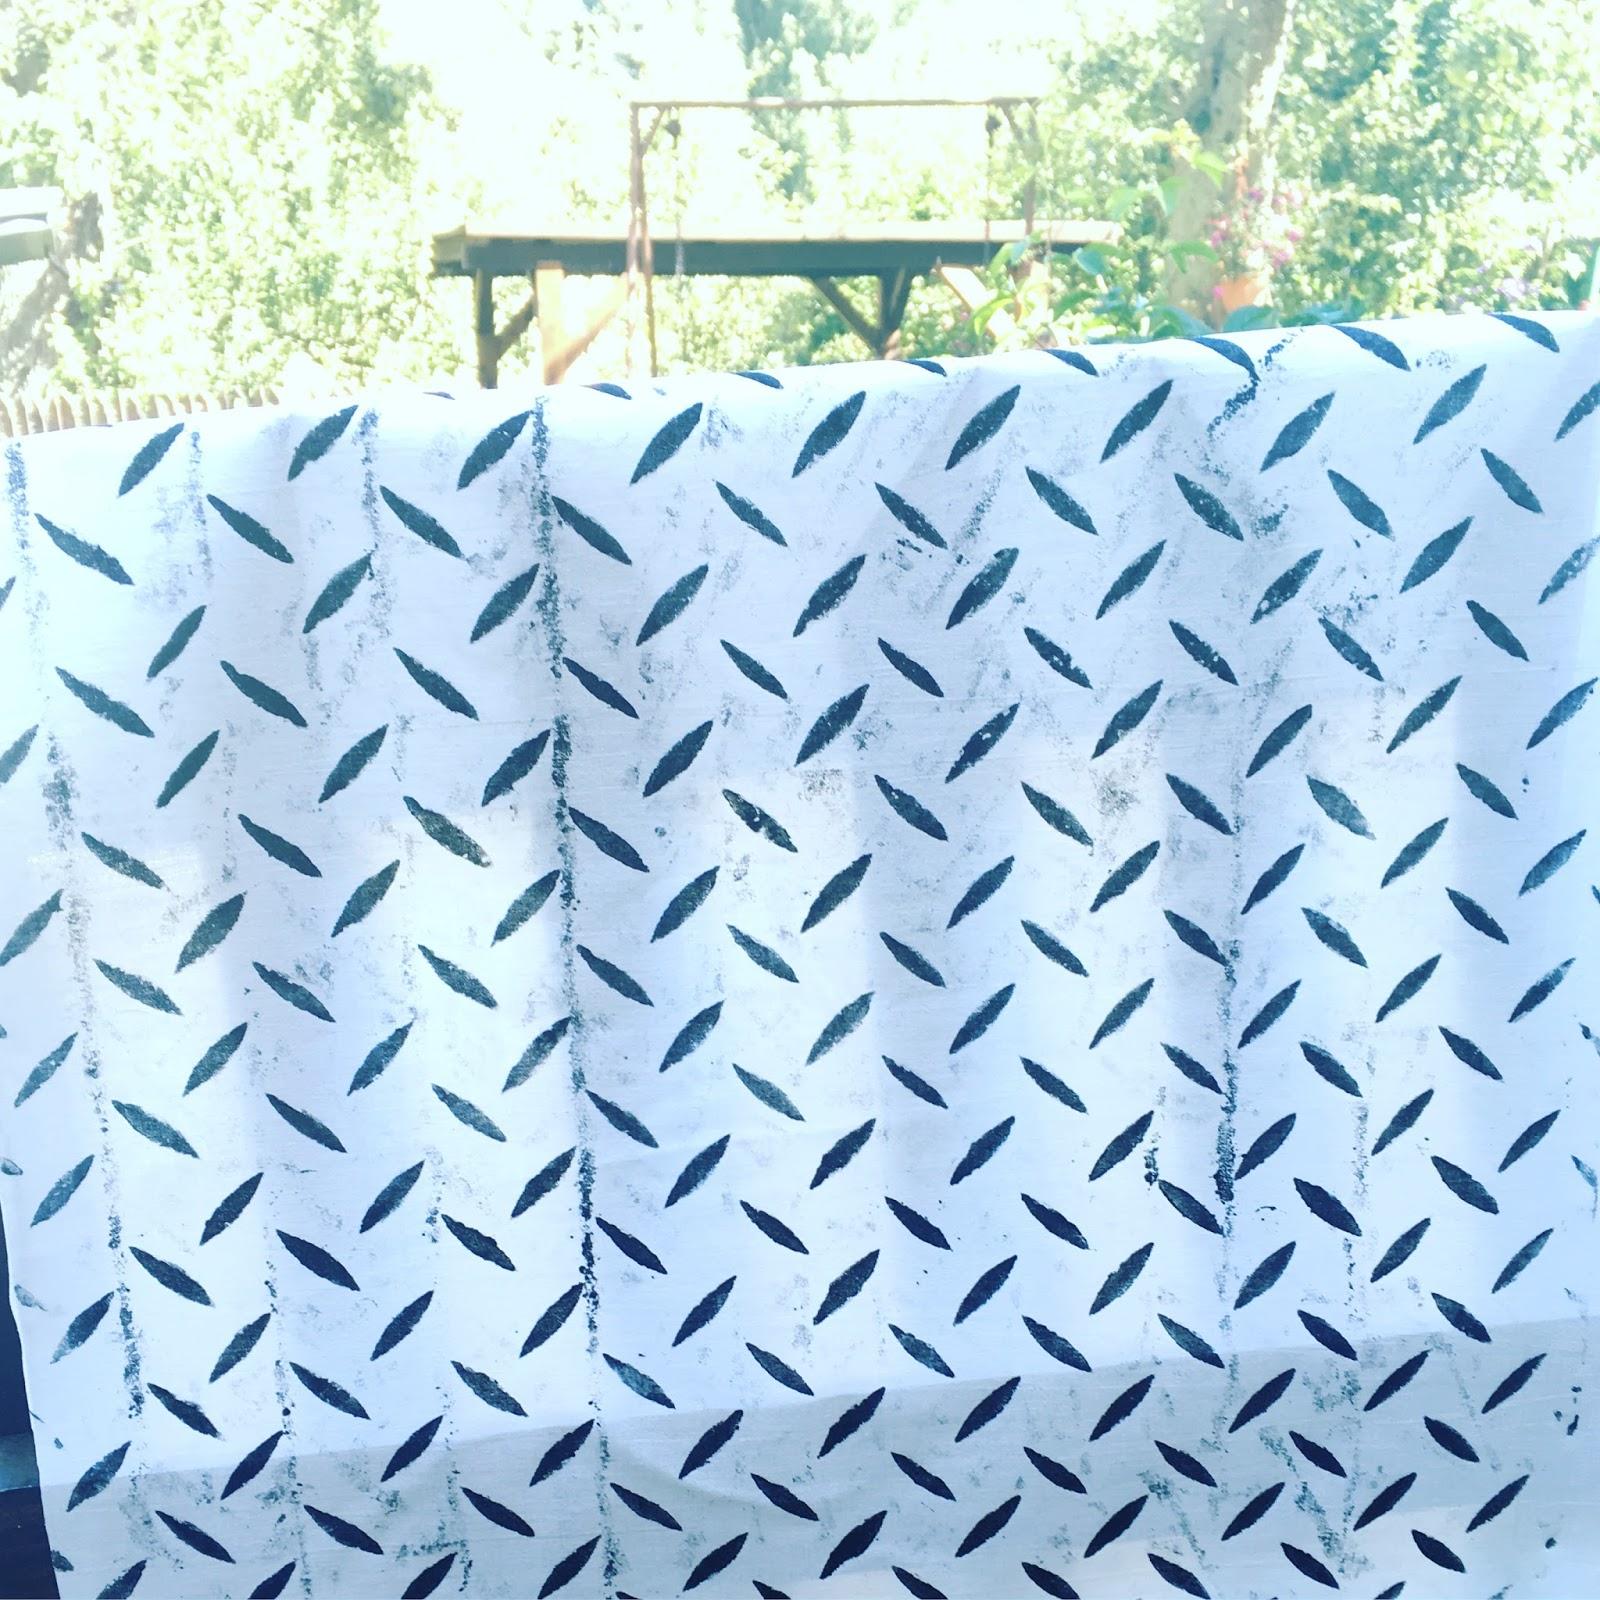 Tisk na textil z kovových poklopů na ulici